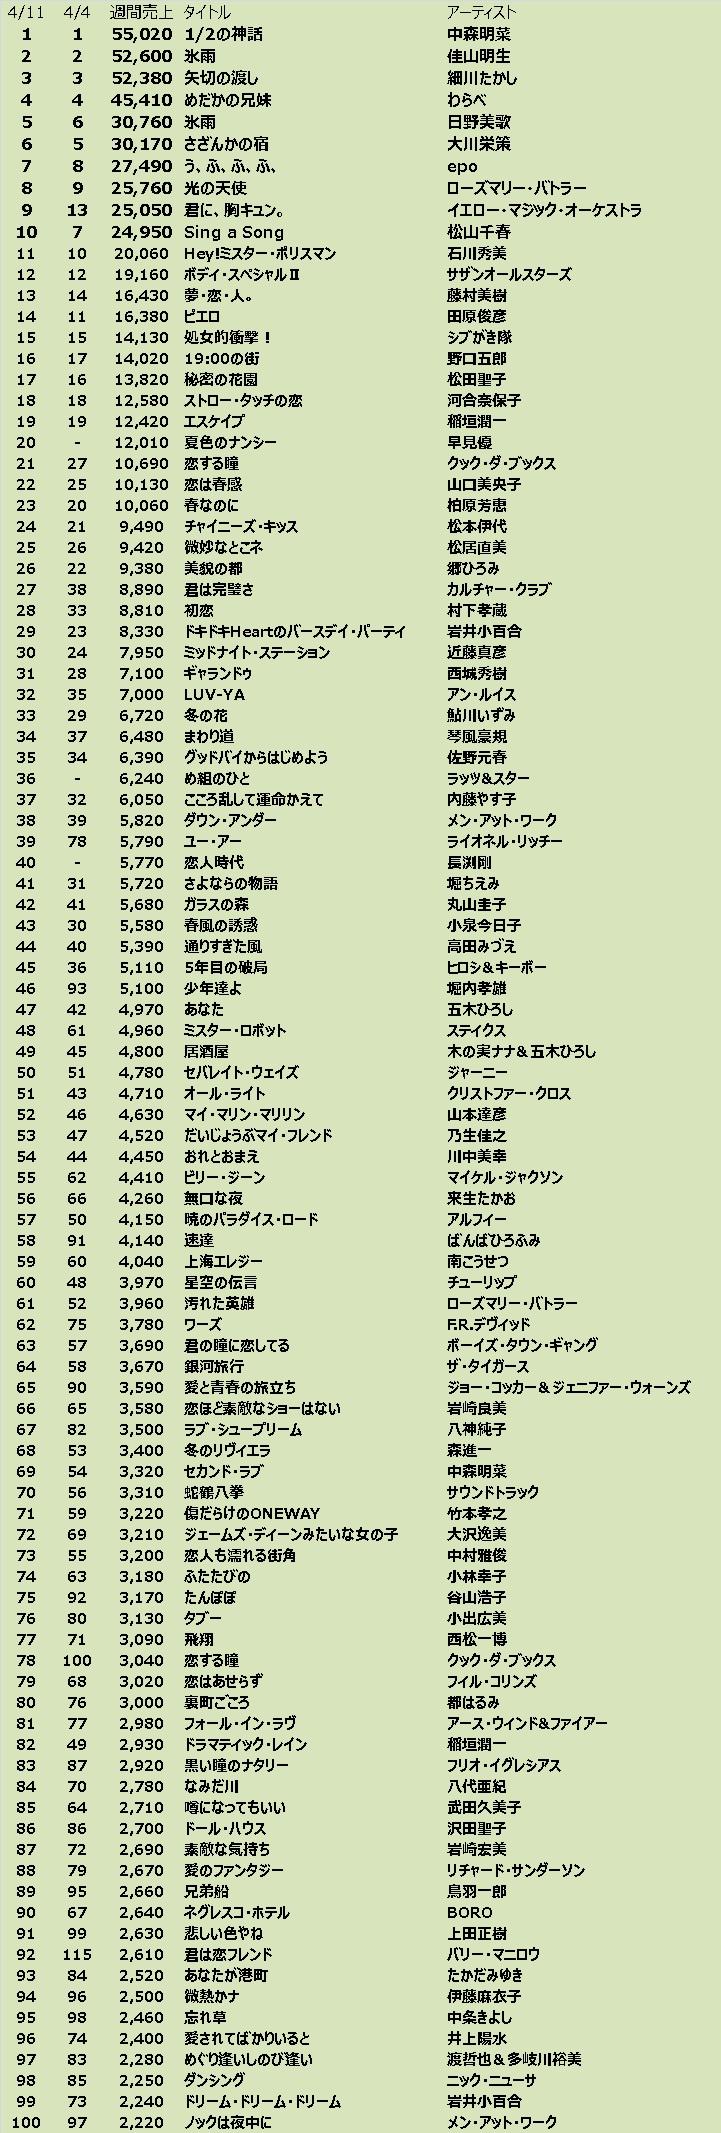 2020 洋楽 東京ラブストーリー